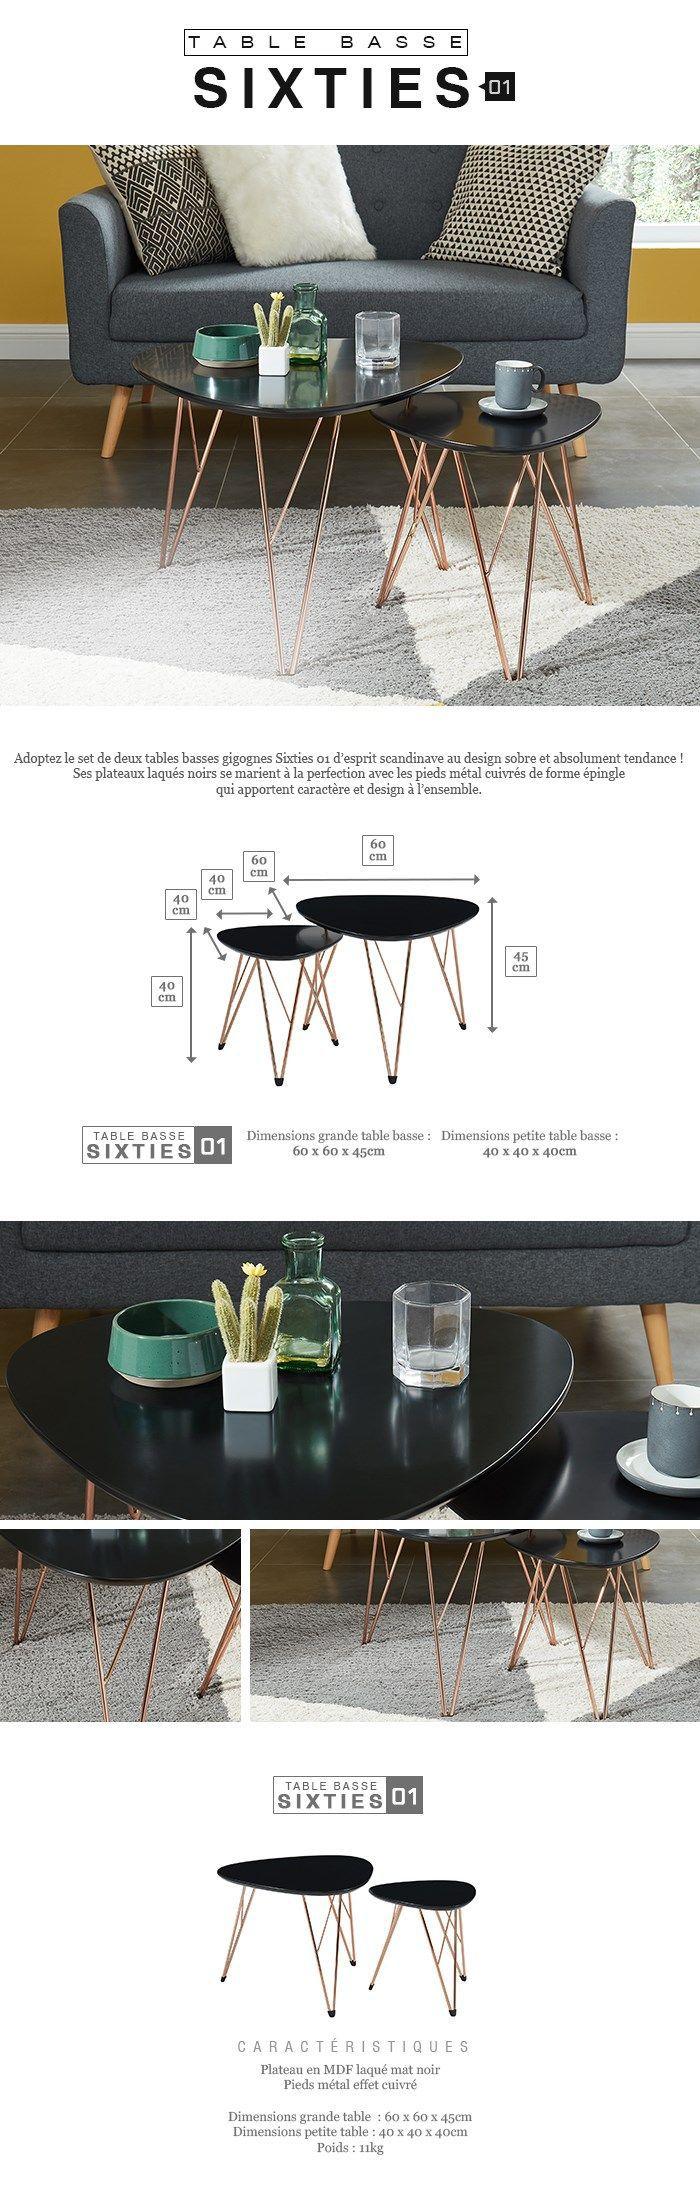 SIXTIES 2 tables basses gigognes vintage - MDF noir laqué mat avec pieds métal cuivre laqué - L 60 x l 60 cm et L 40 x l 40 cm